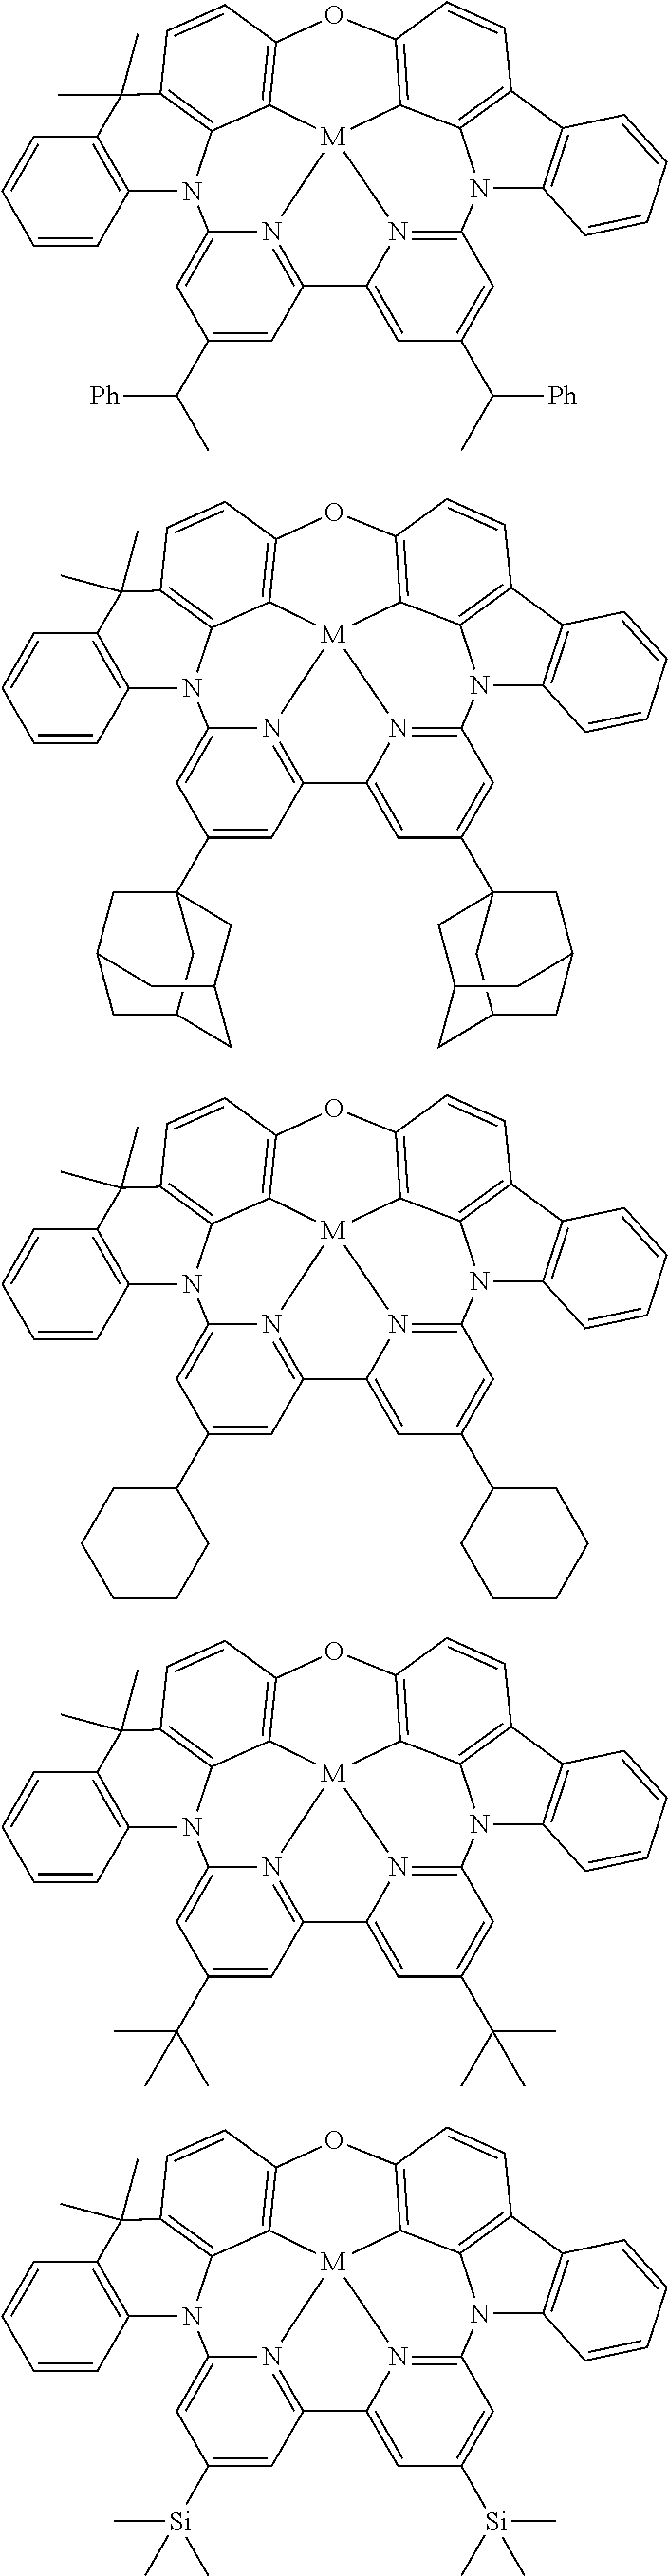 Figure US10158091-20181218-C00101